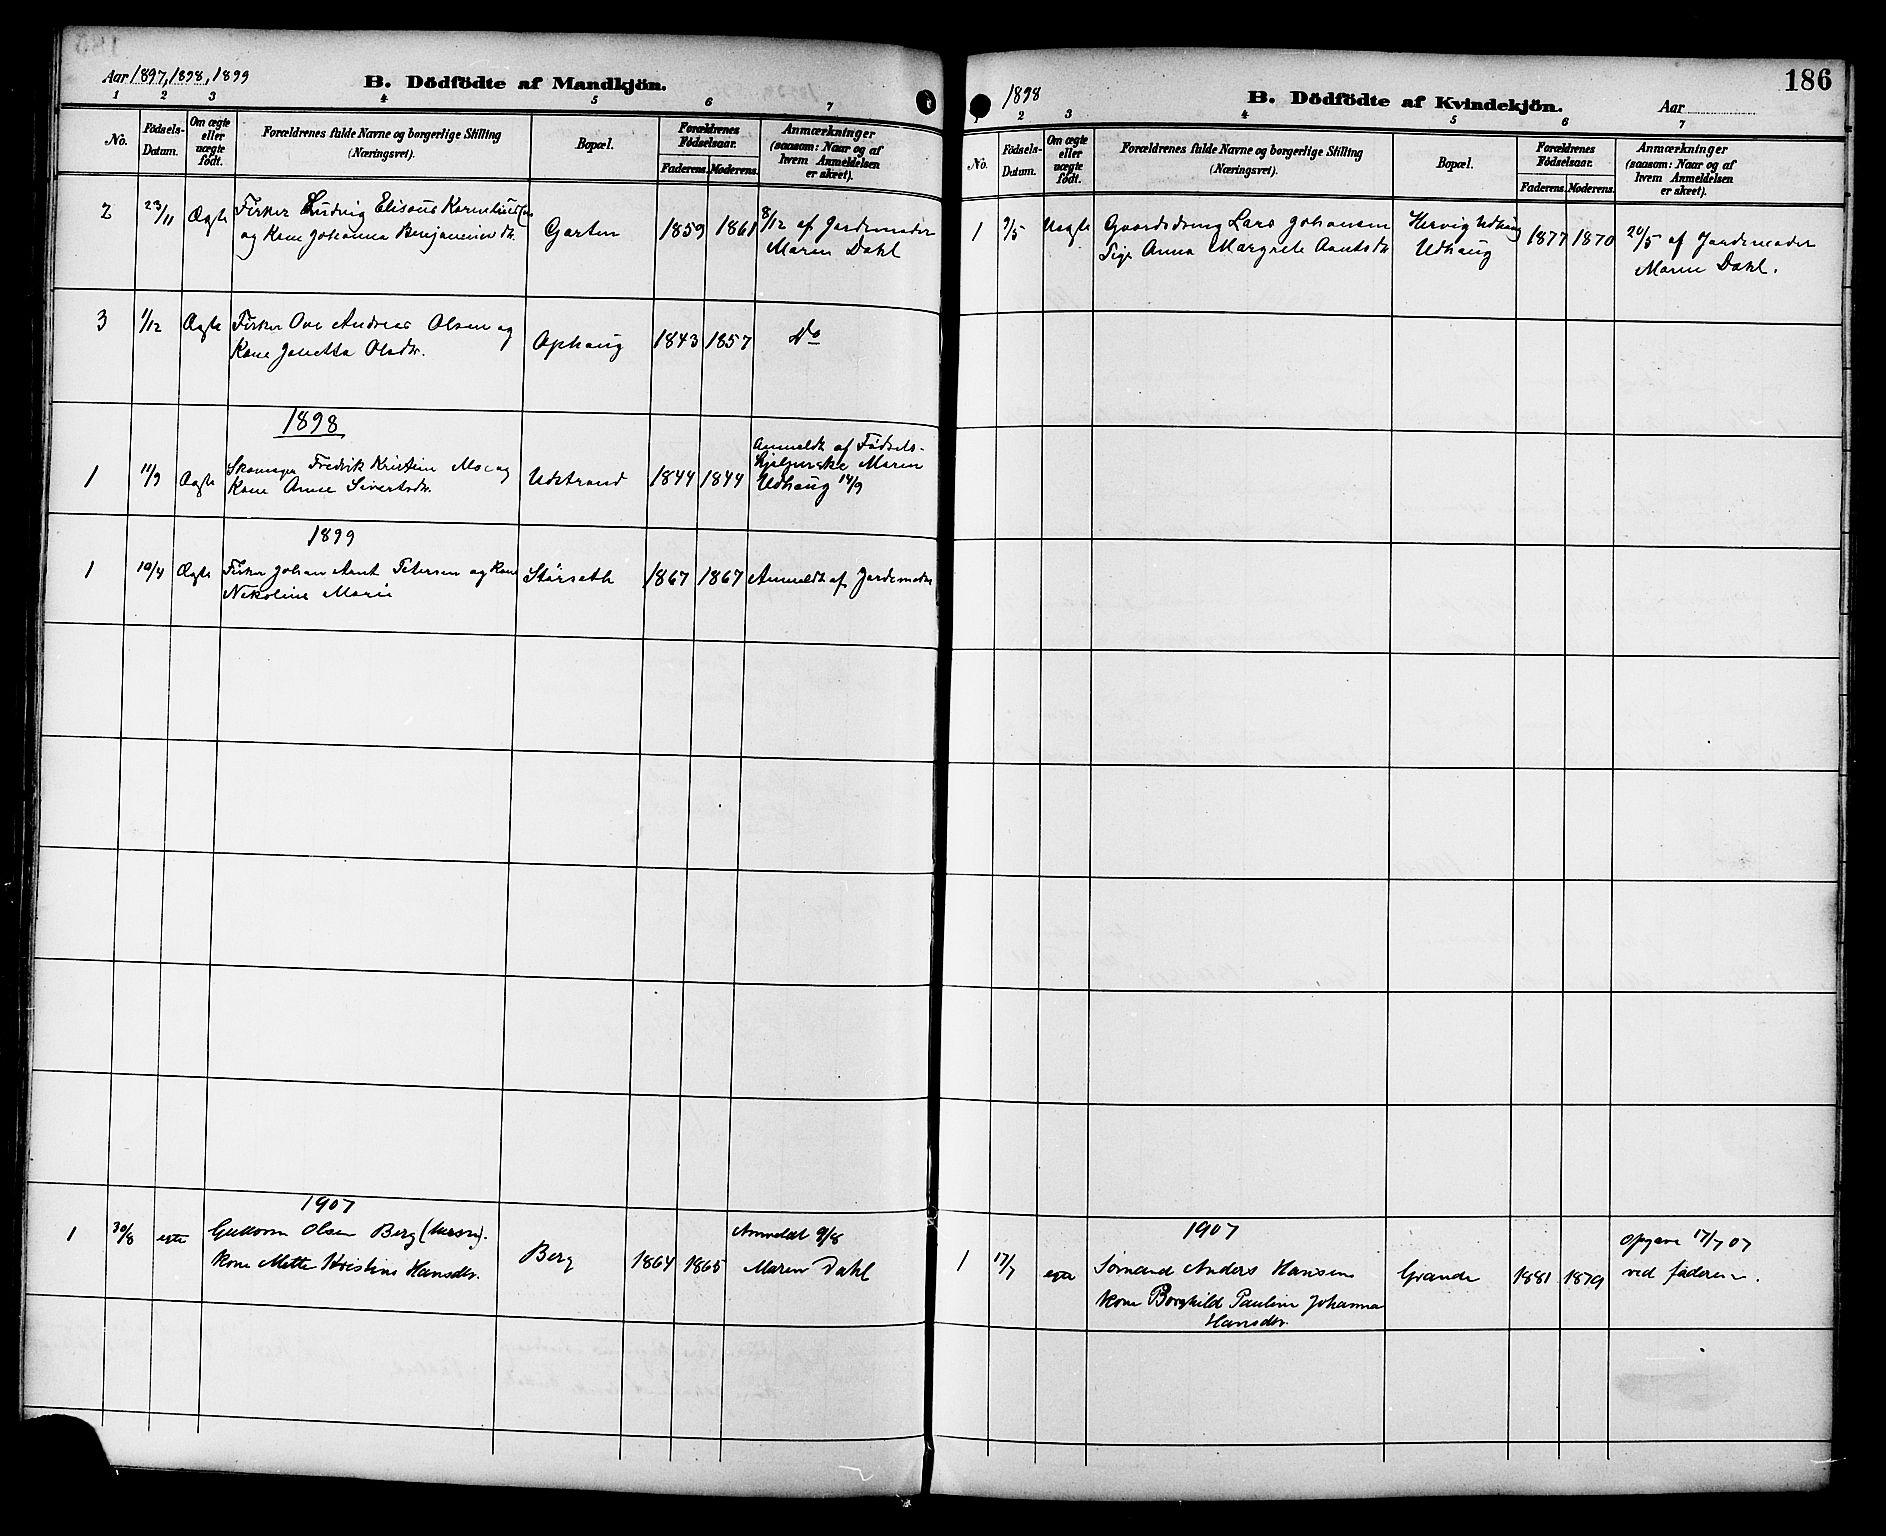 SAT, Ministerialprotokoller, klokkerbøker og fødselsregistre - Sør-Trøndelag, 659/L0746: Klokkerbok nr. 659C03, 1893-1912, s. 186